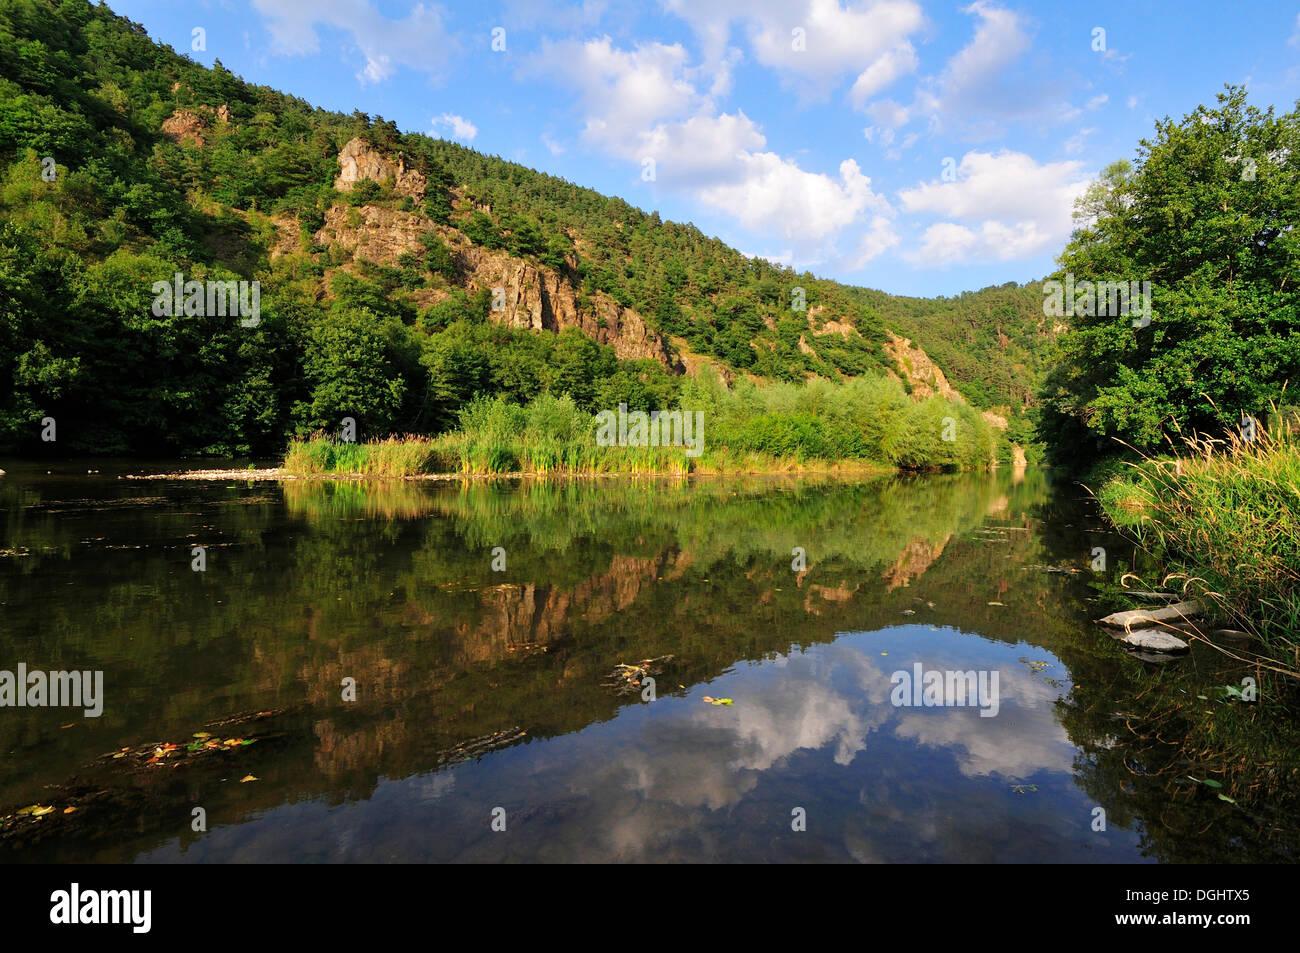 Riflessioni nelle calme acque della parte superiore del fiume Loira, Gorge de la Loire, Haute-Loire reparto, Auvergne, Francia Immagini Stock